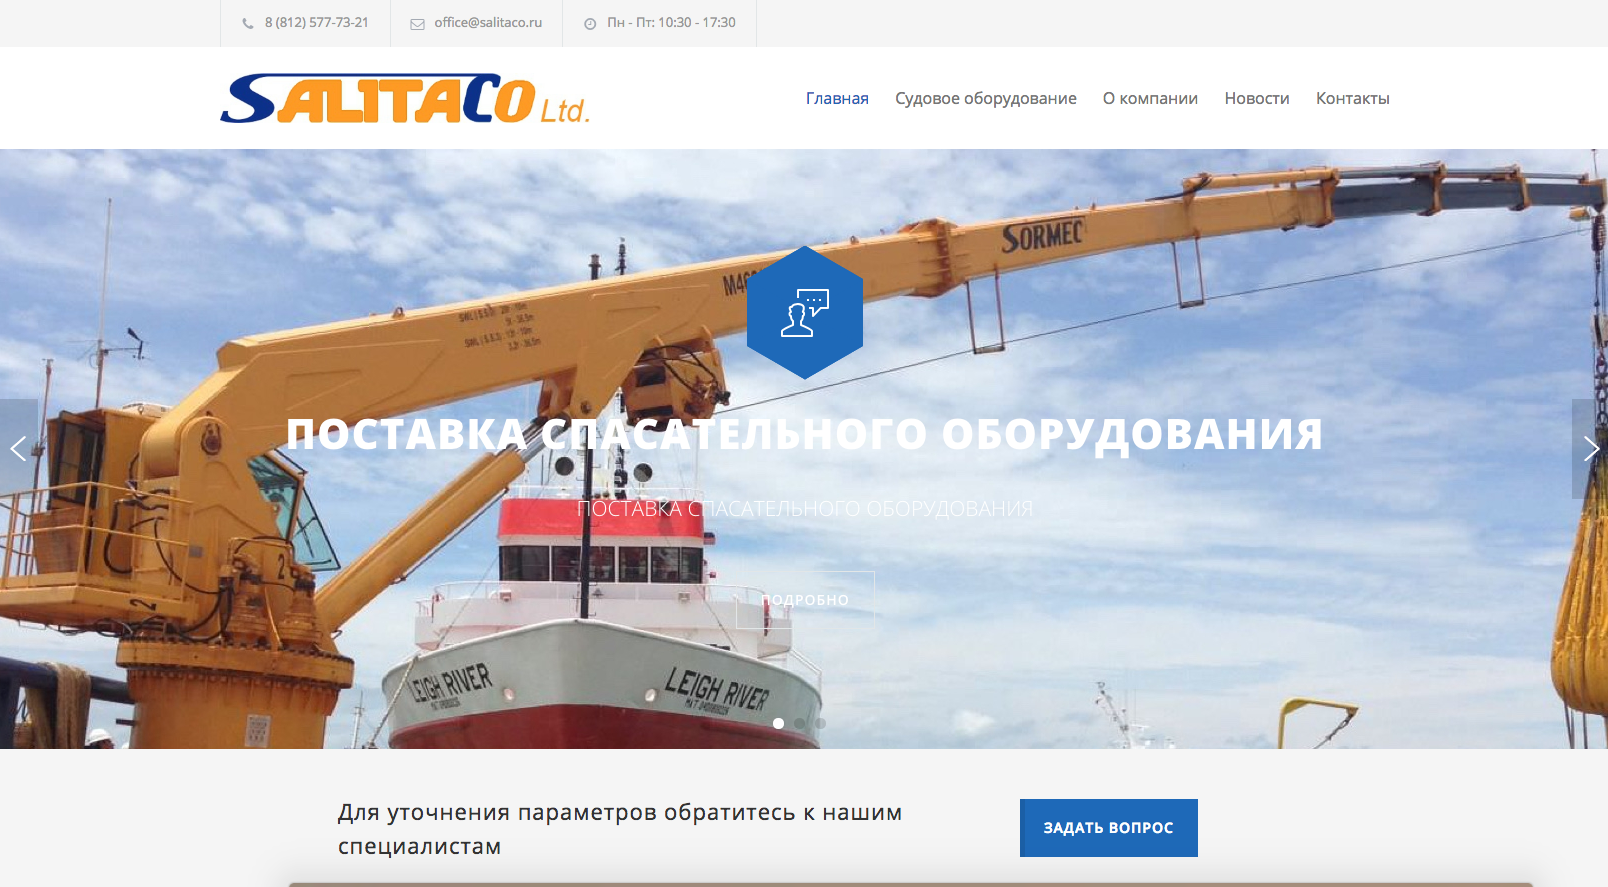 примеры сайтов с использованием ярких цветов - портфолио a25.ru